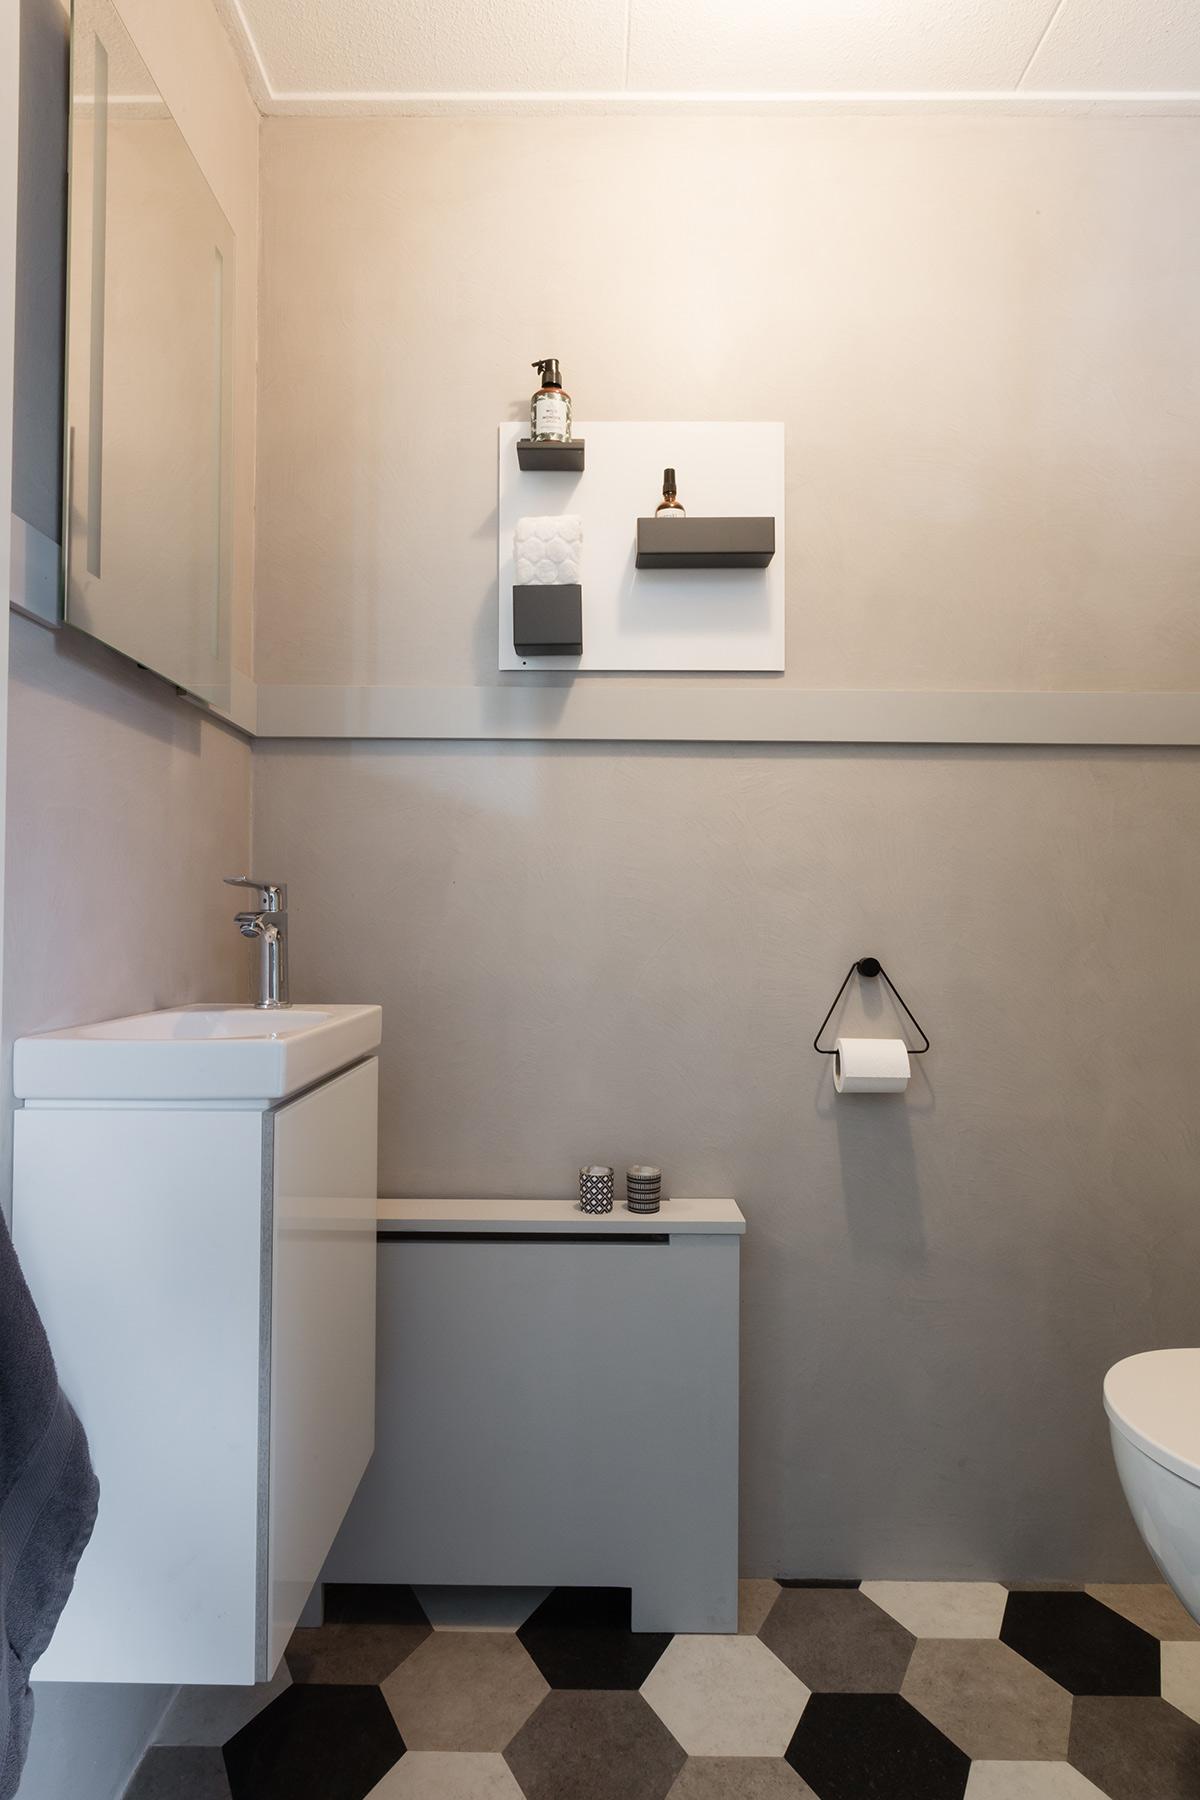 Make over kleinste kamertje wastafel